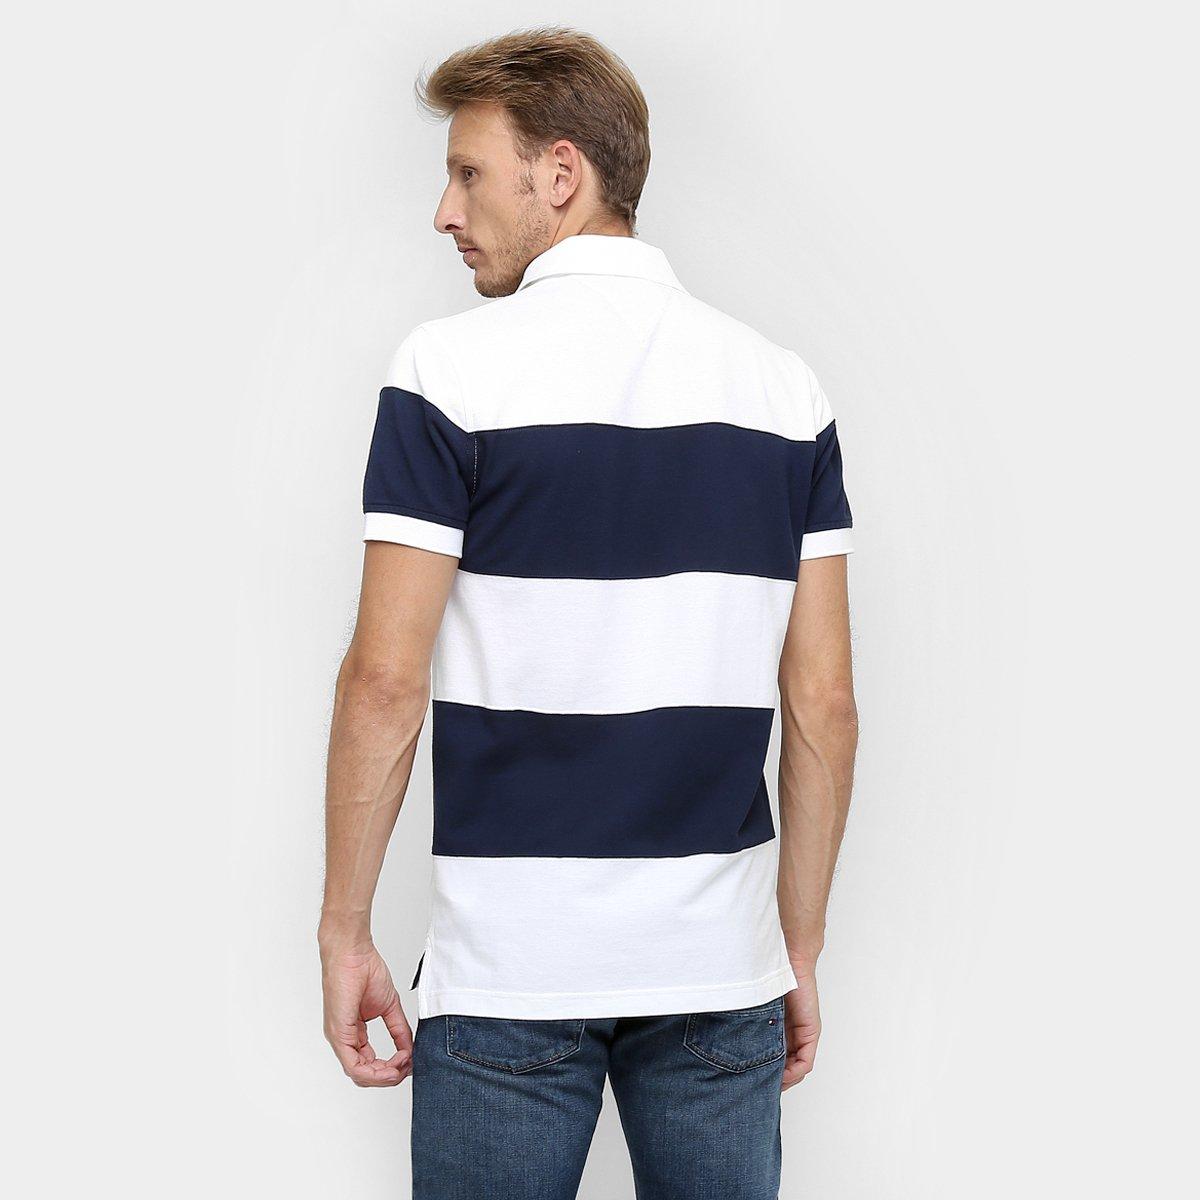 18a5fe957 Camisa Polo Tommy Hilfiger Listrada Piquet - Compre Agora | Zattini